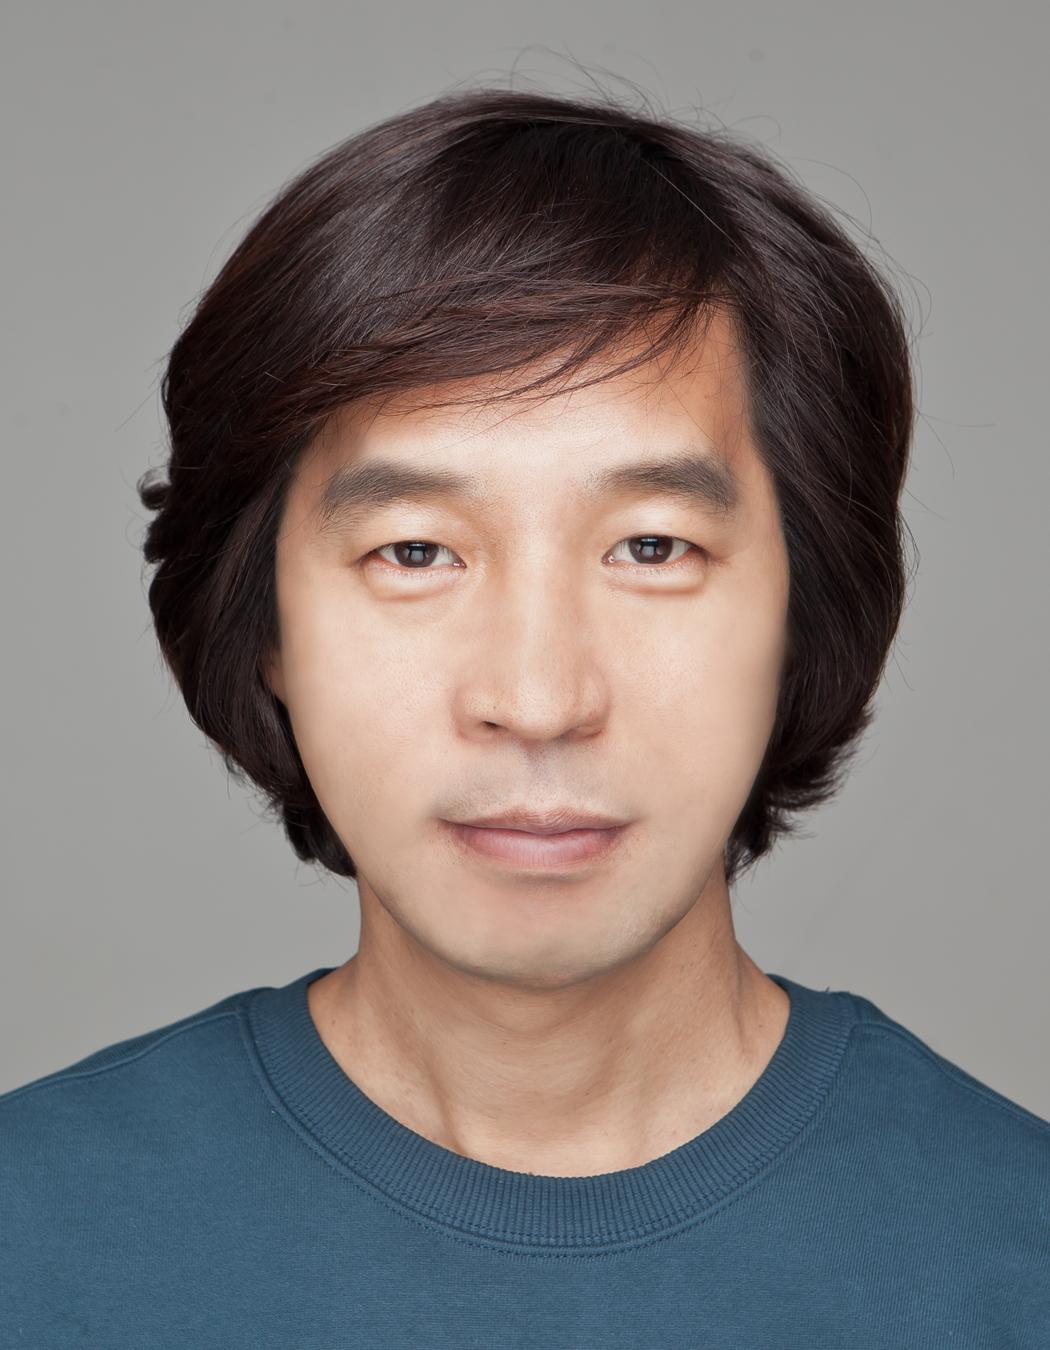 KIM DONGNAM